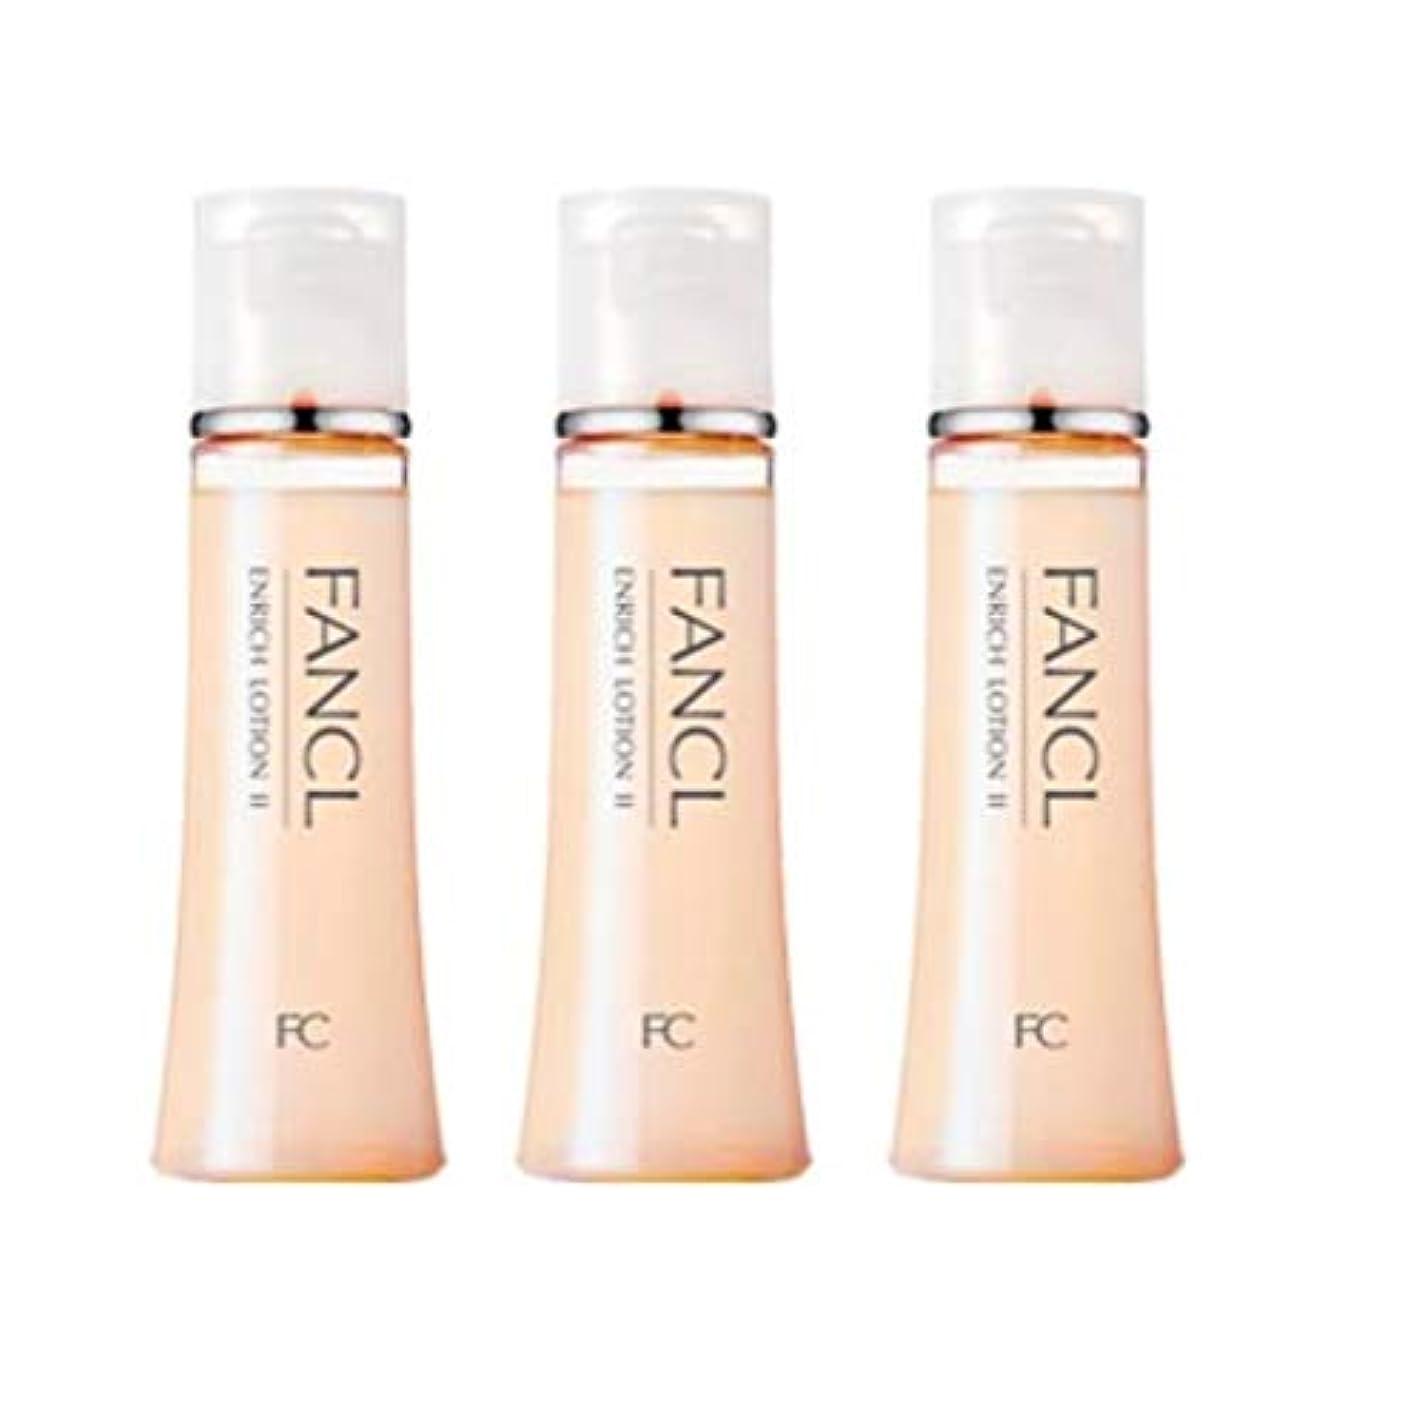 革命部分的に同行ファンケル(FANCL)エンリッチ 化粧液II しっとり 3本セット(30mL×3)